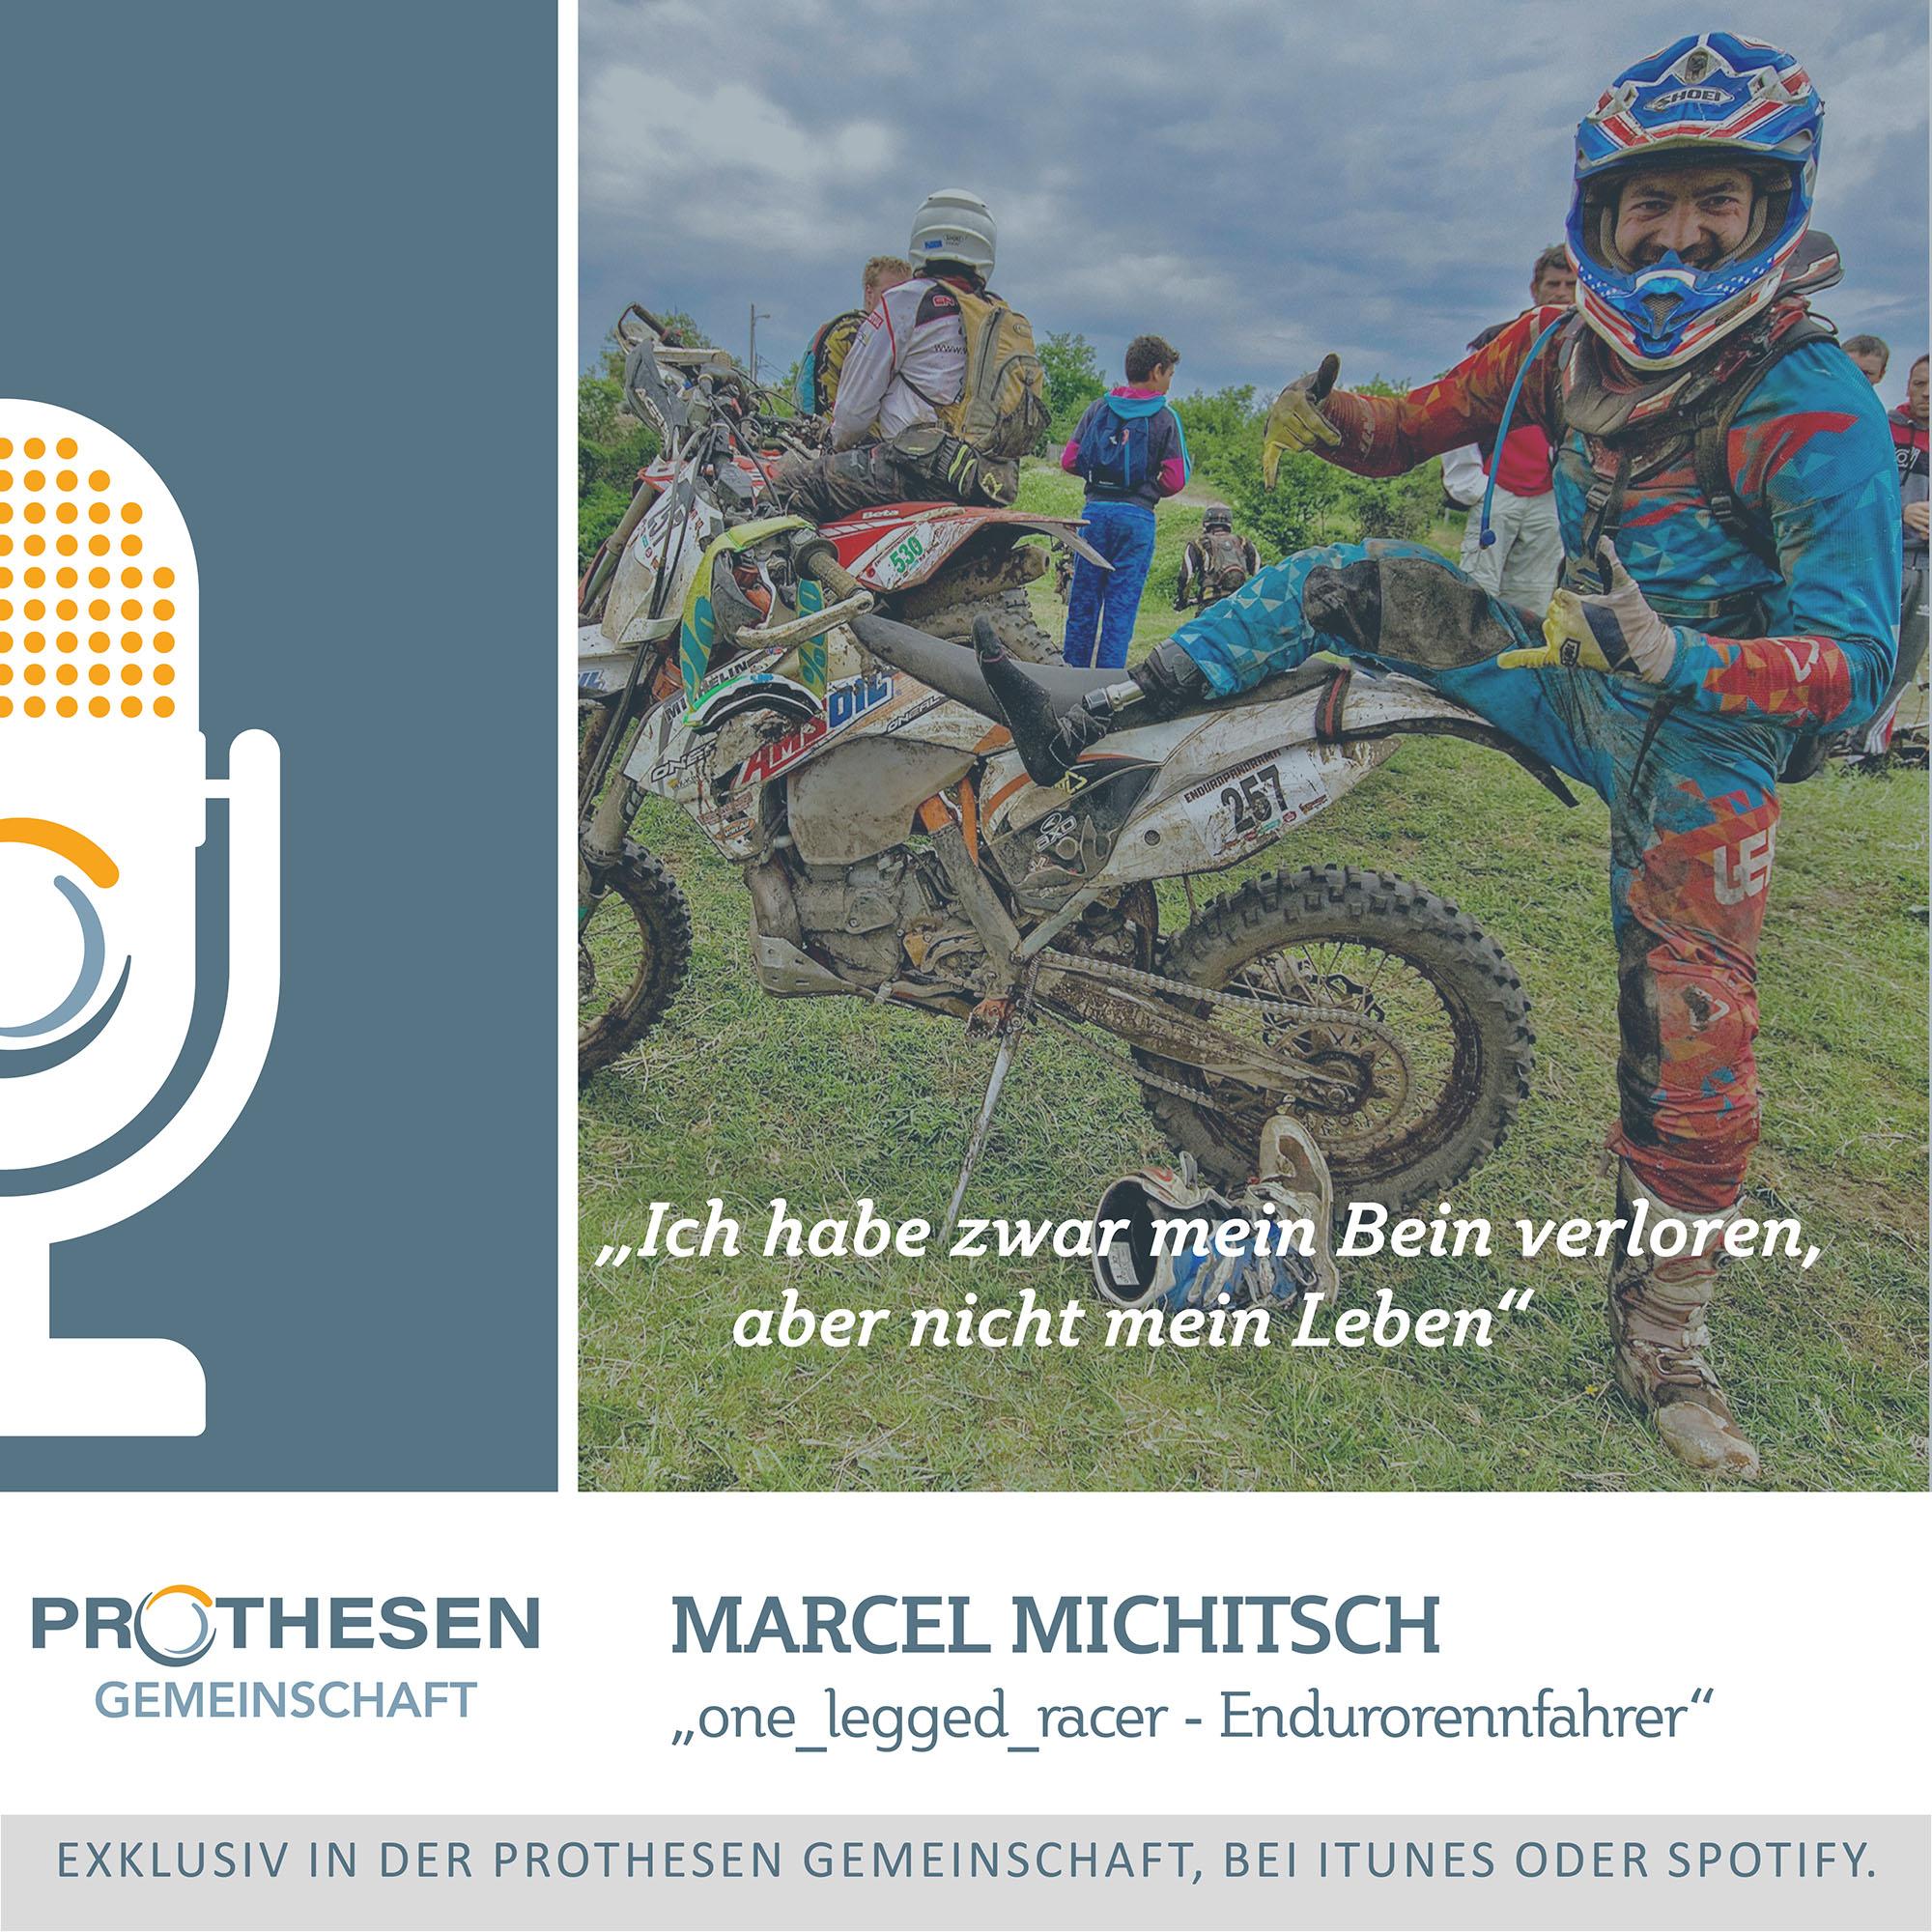 Prothesen Talk mit Marcel Michitsch